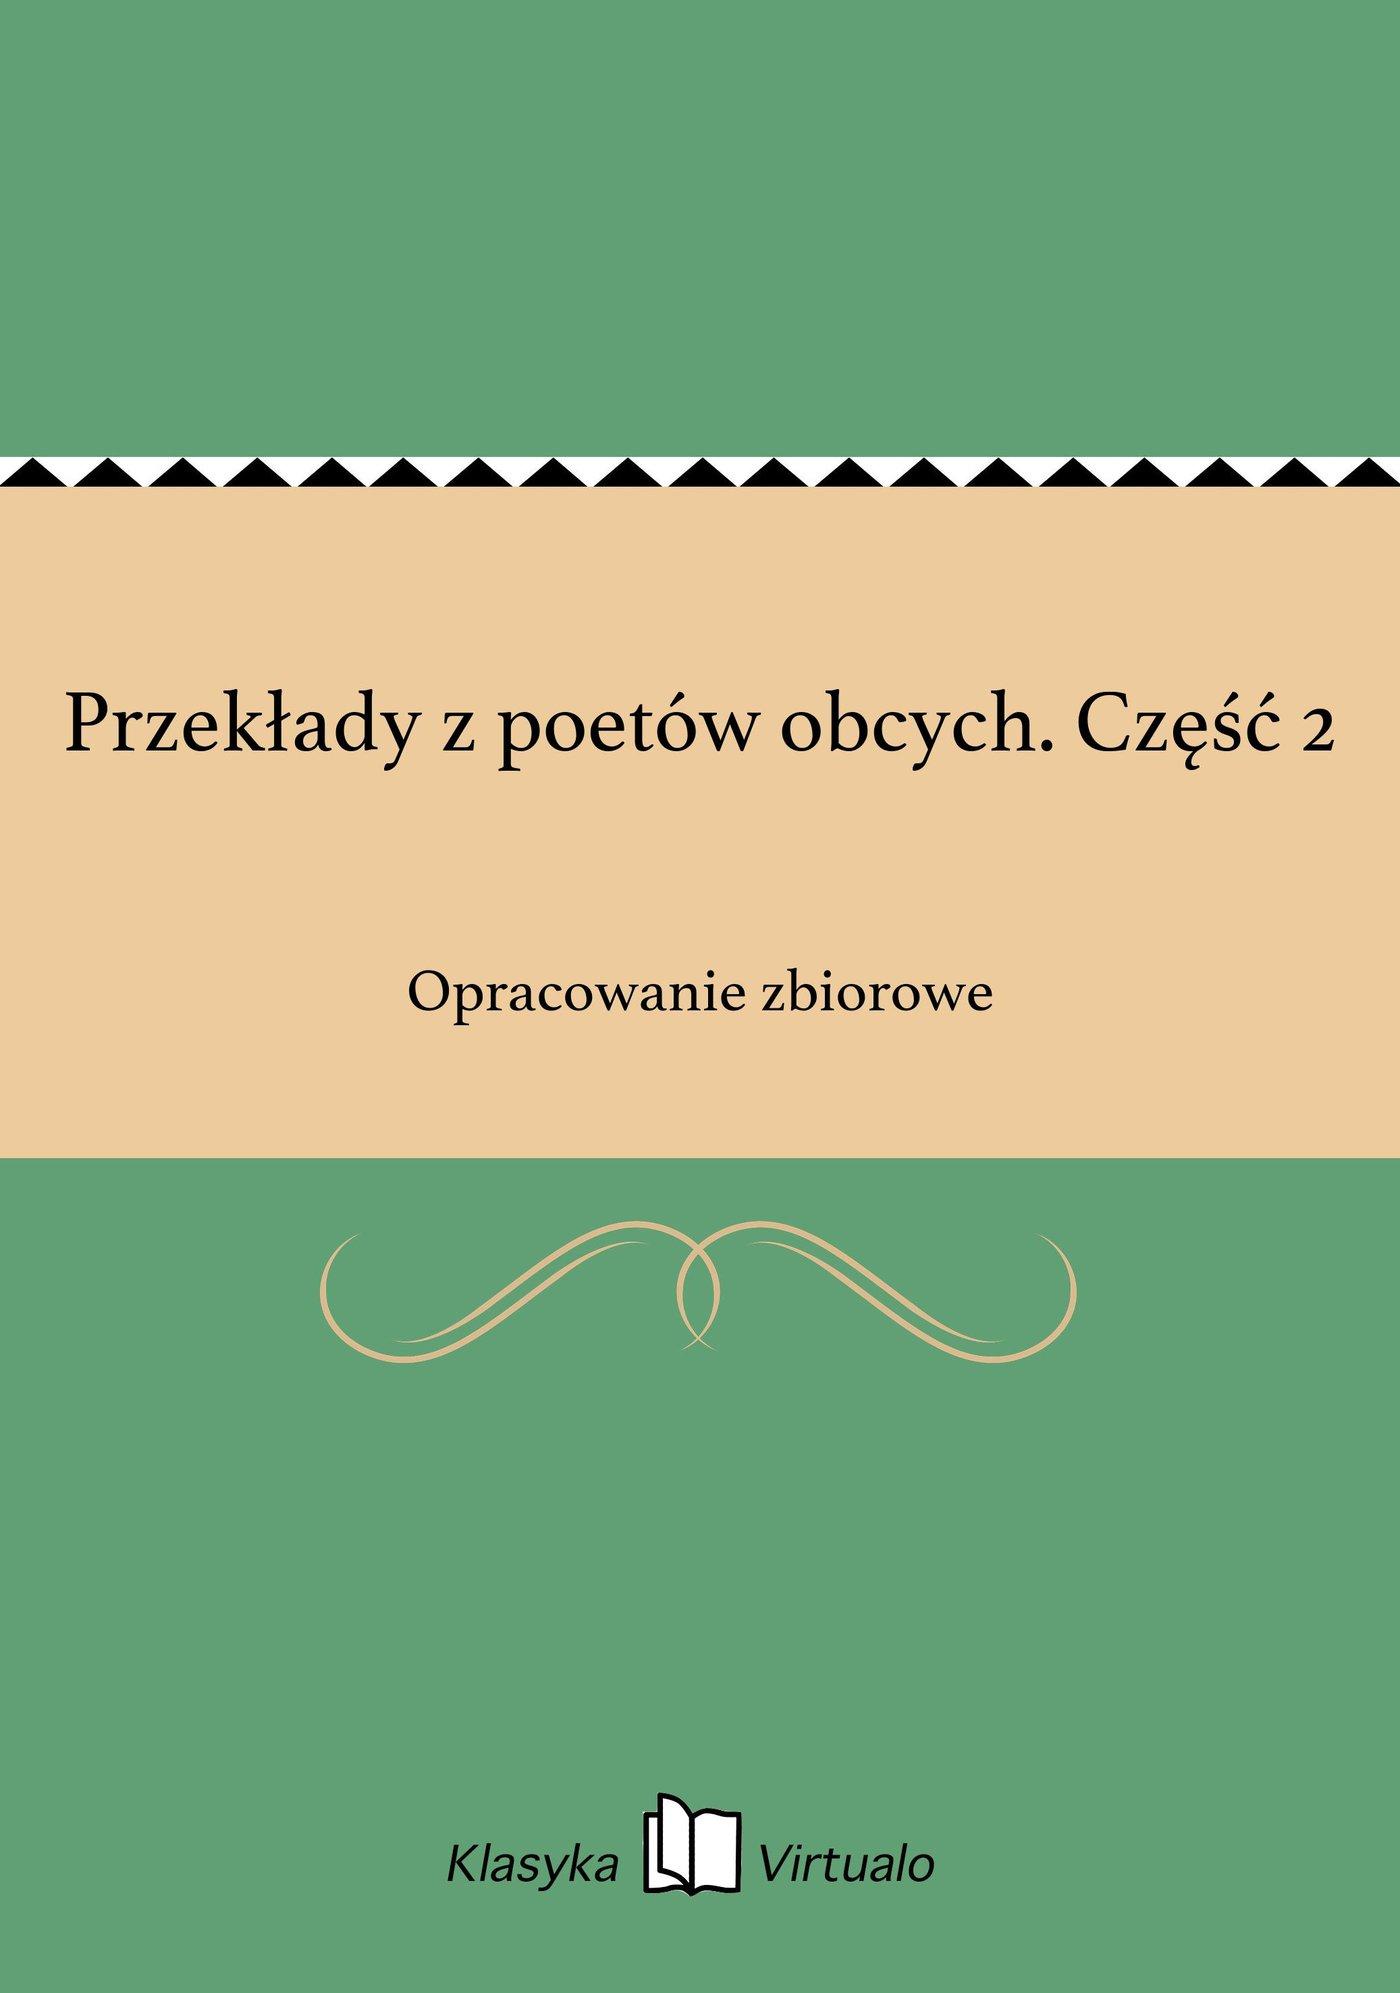 Przekłady z poetów obcych. Część 2 - Ebook (Książka EPUB) do pobrania w formacie EPUB